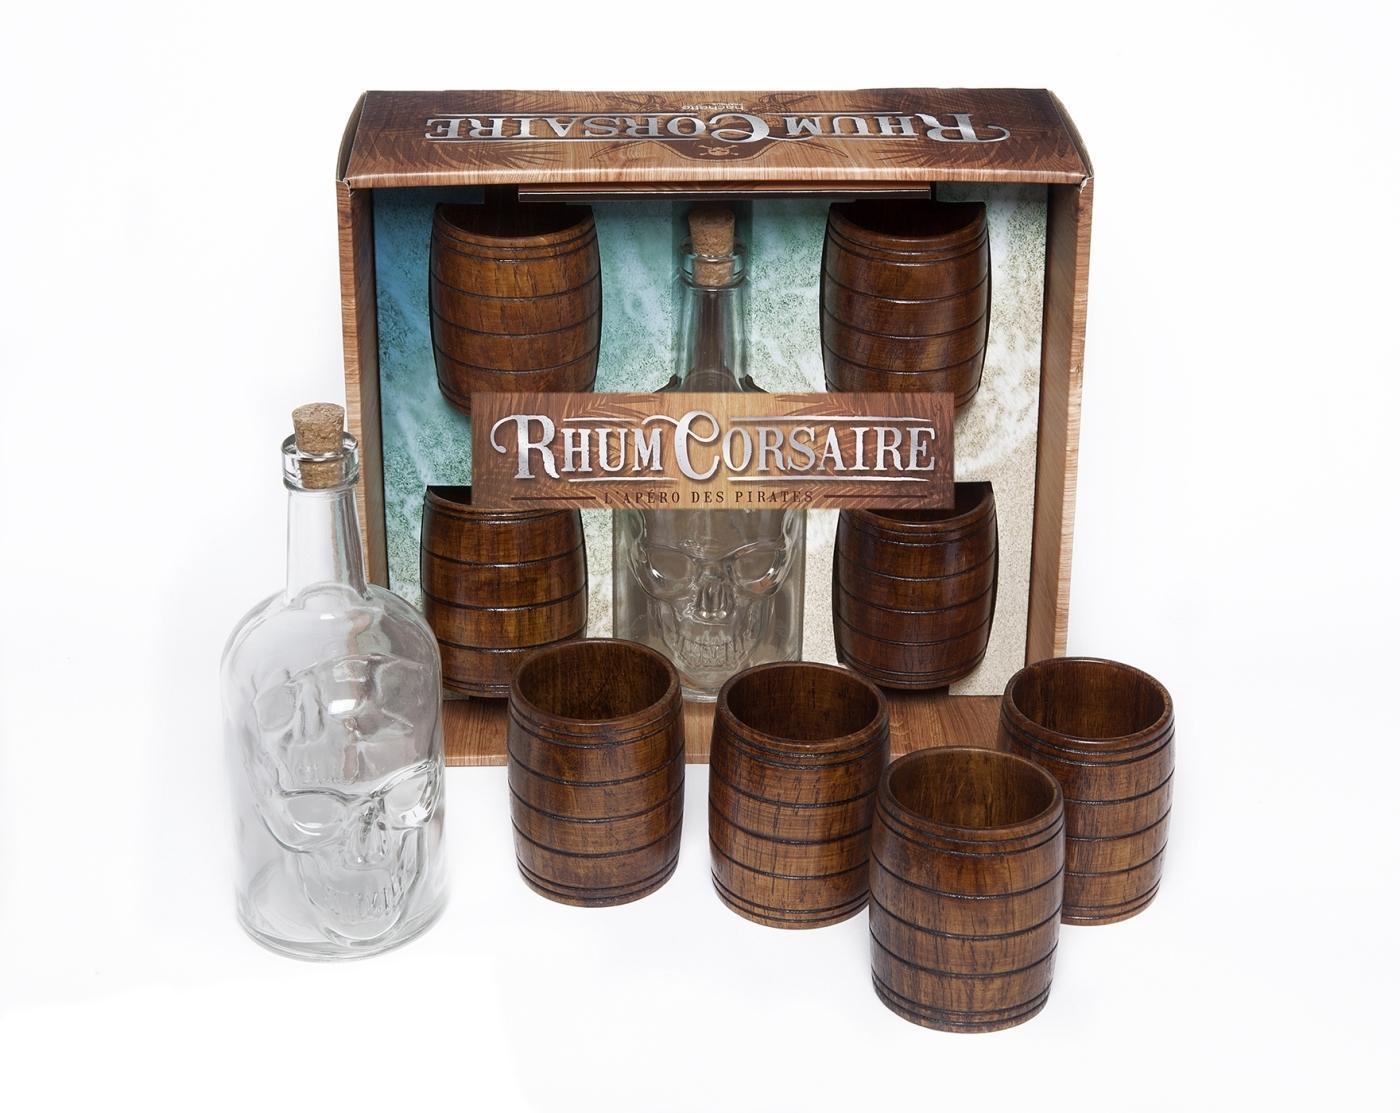 COFFRET RHUM CORSAIRE